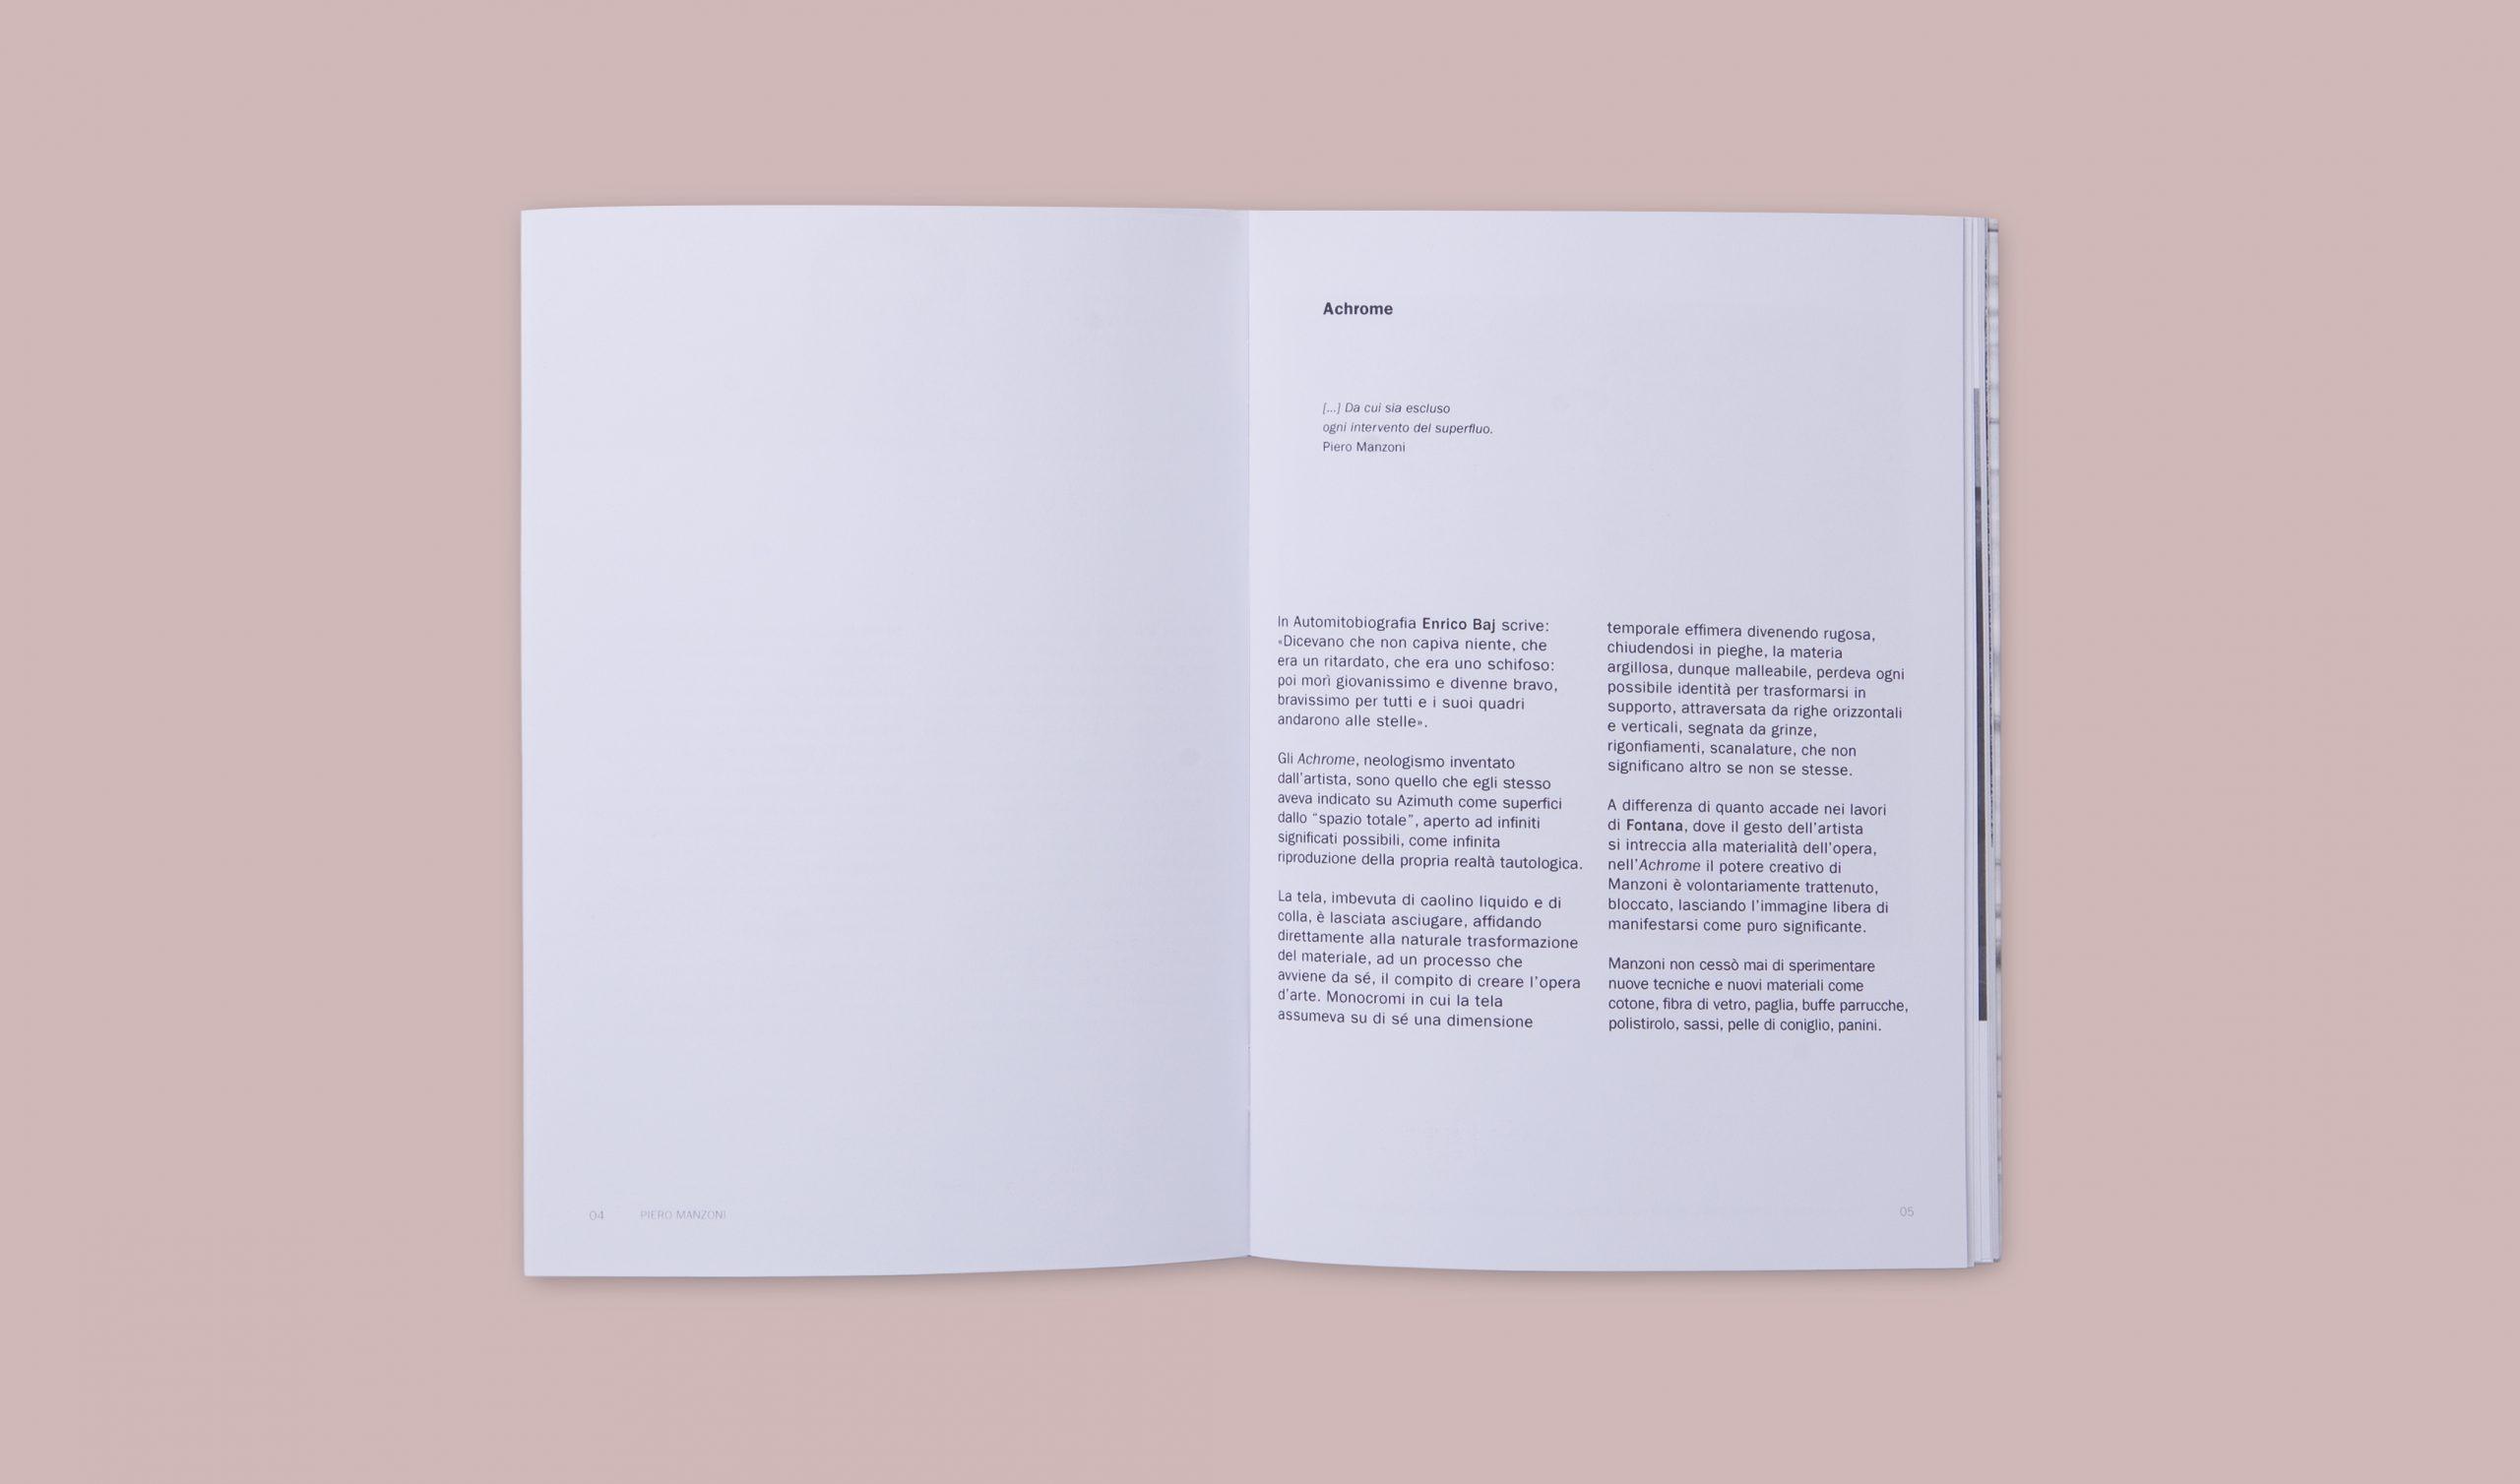 Piero Manzoni Monografia Achromes - Interno testo